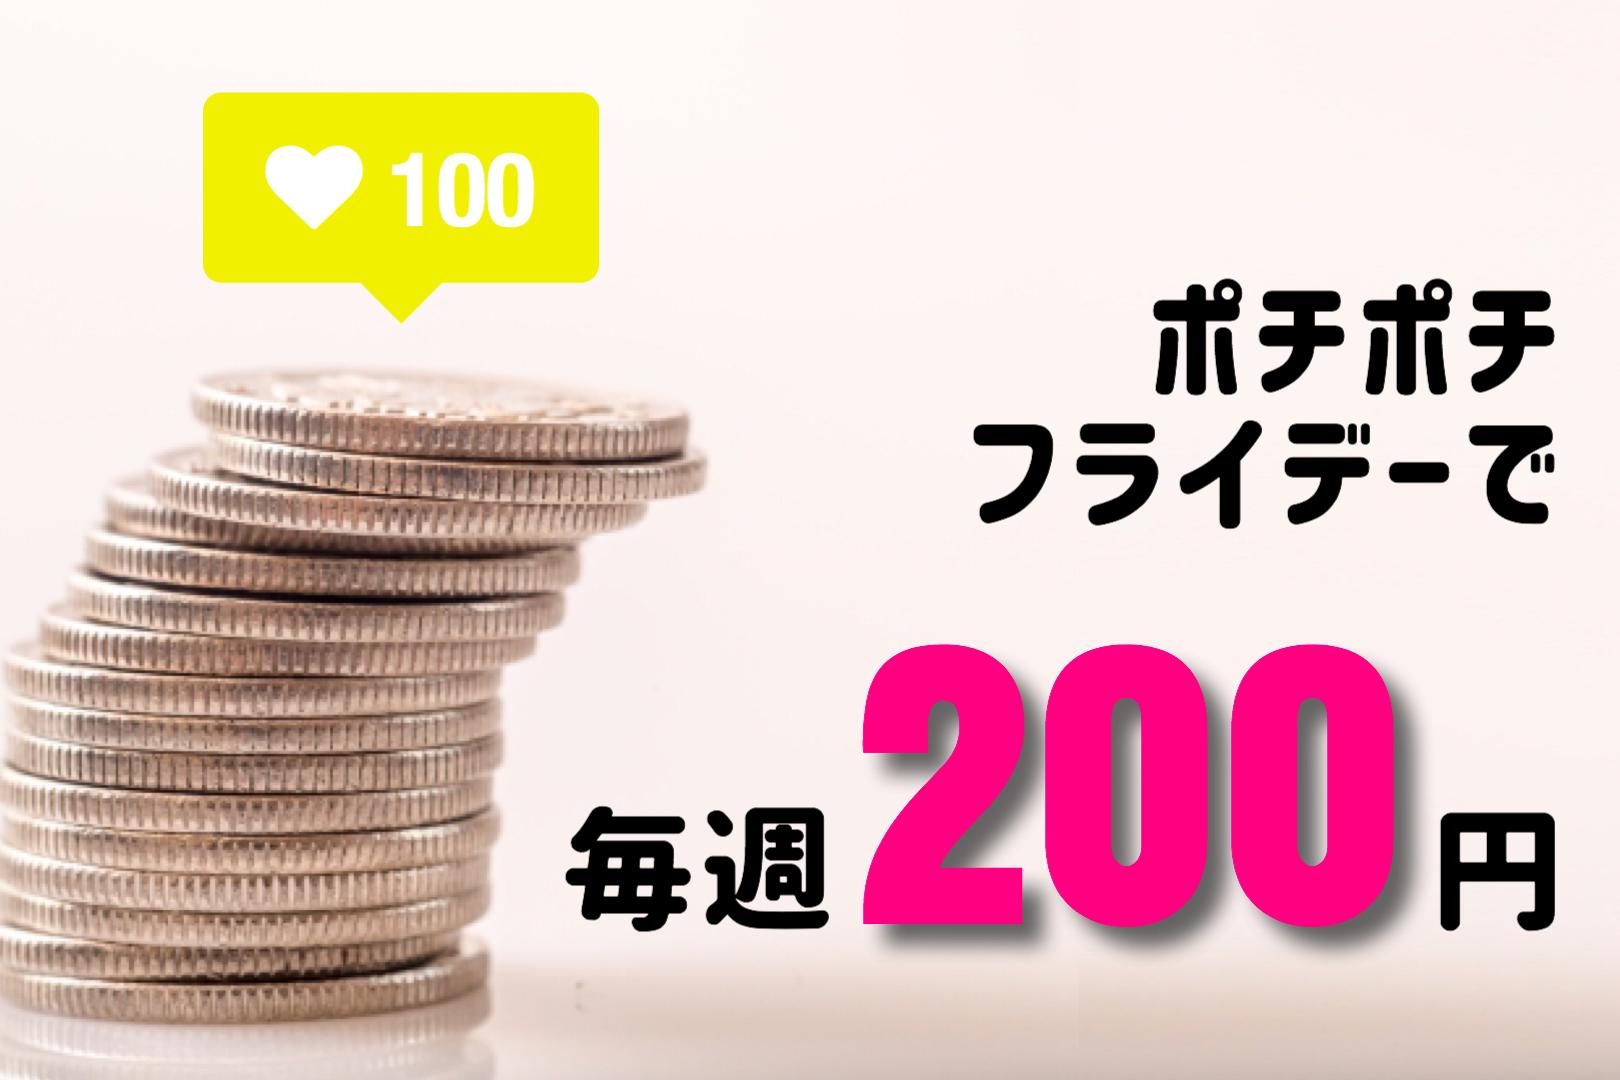 ポチポチフライデーで毎週200円!ラインショッピングのお得なキャンペーンを解説するよ。